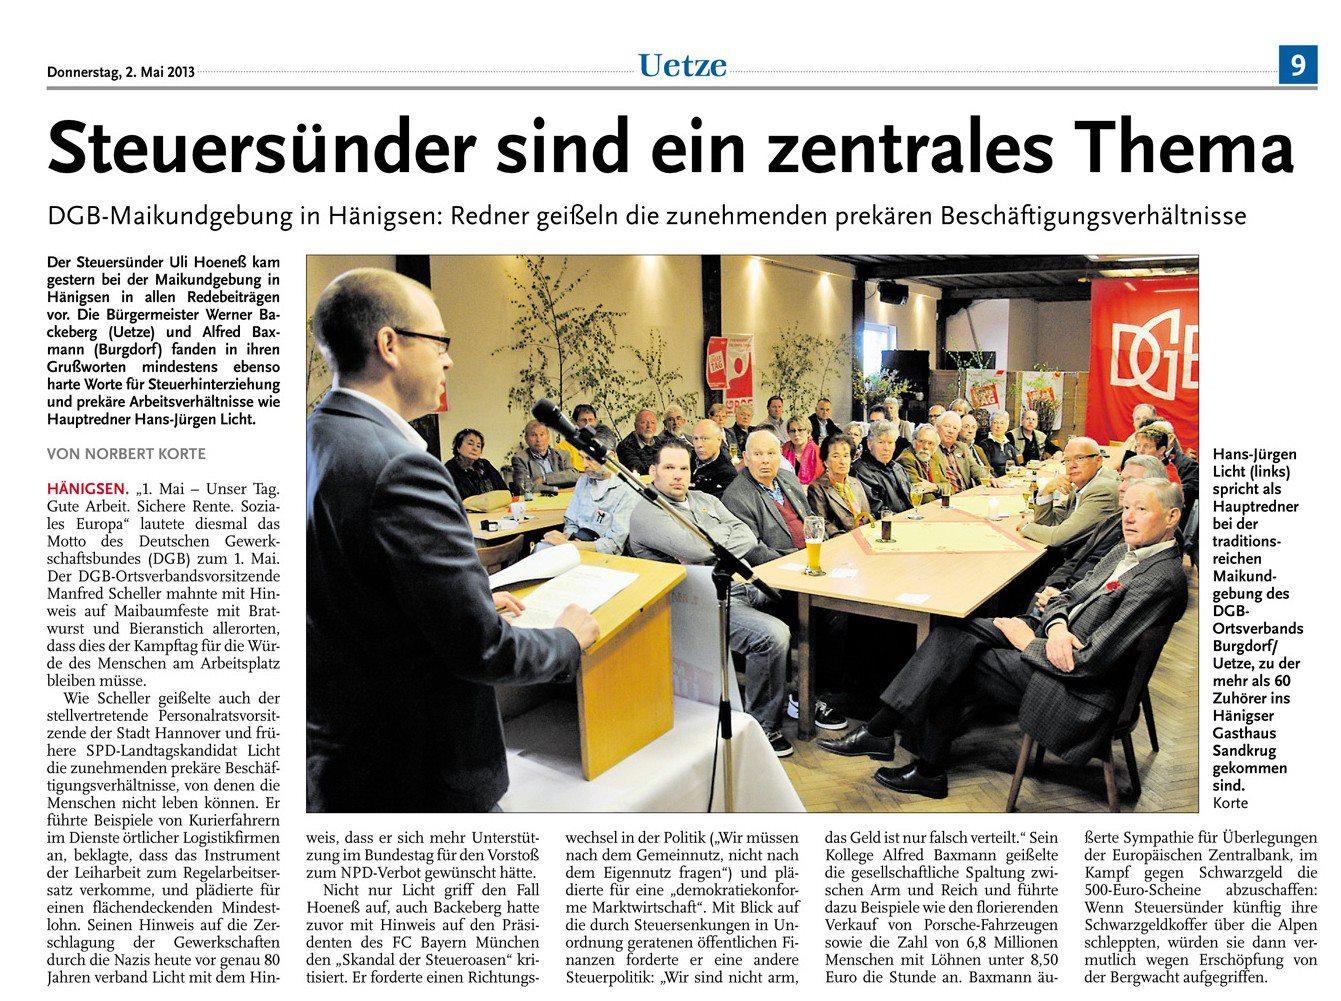 Ich bedanke mich nochmals für die Gelegenheit in meinem Landtagswahlkreis in Hänigsen auf Einladung des DGB Burgdorf/Uetze als Hauptredner zum Tag der Arbeit reden zu dürfen. Es war im gut gefüllten Sandkrug ein Vergnügen und ein guter Anlaß Kontakte zu pflegen und neue zu knüpfen! Glück auf!